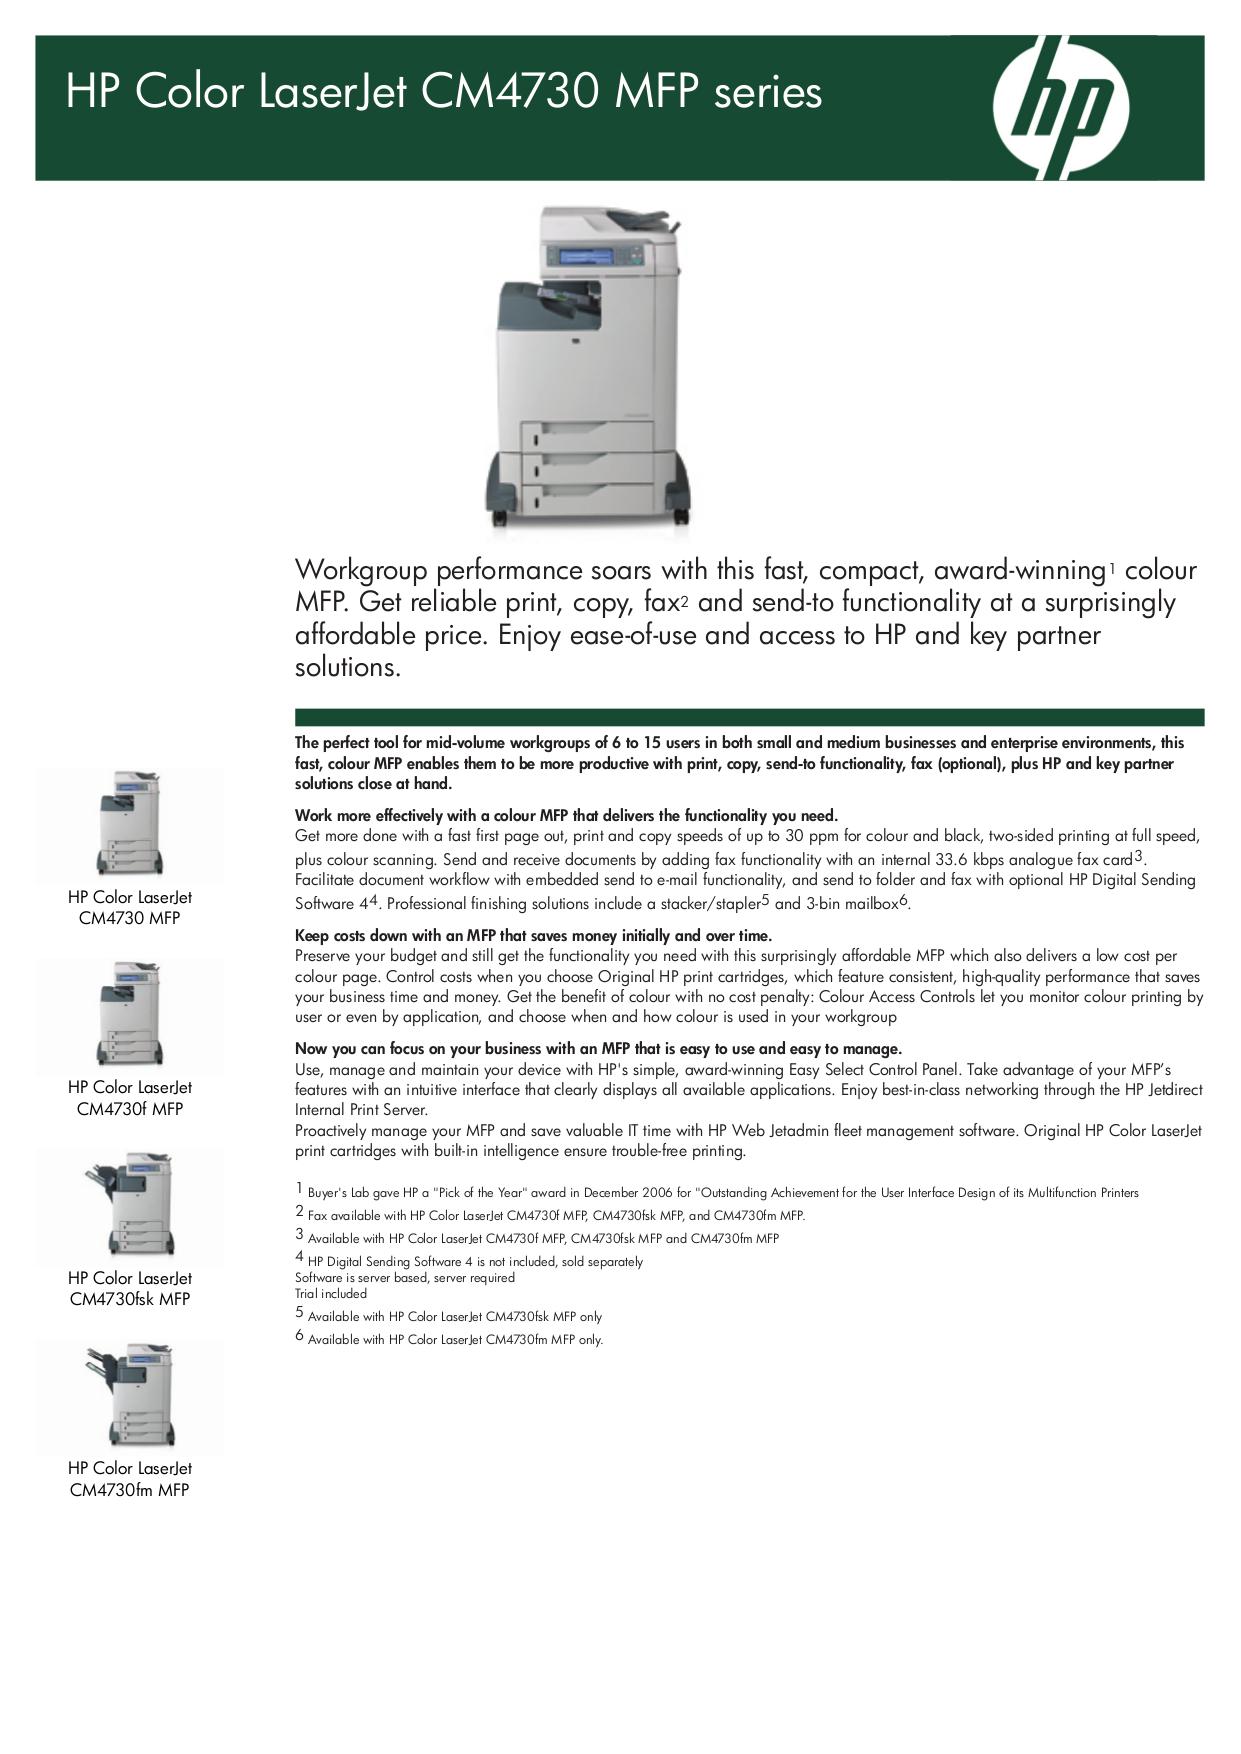 pdf for HP Multifunction Printer Laserjet,Color Laserjet CM4730fm manual